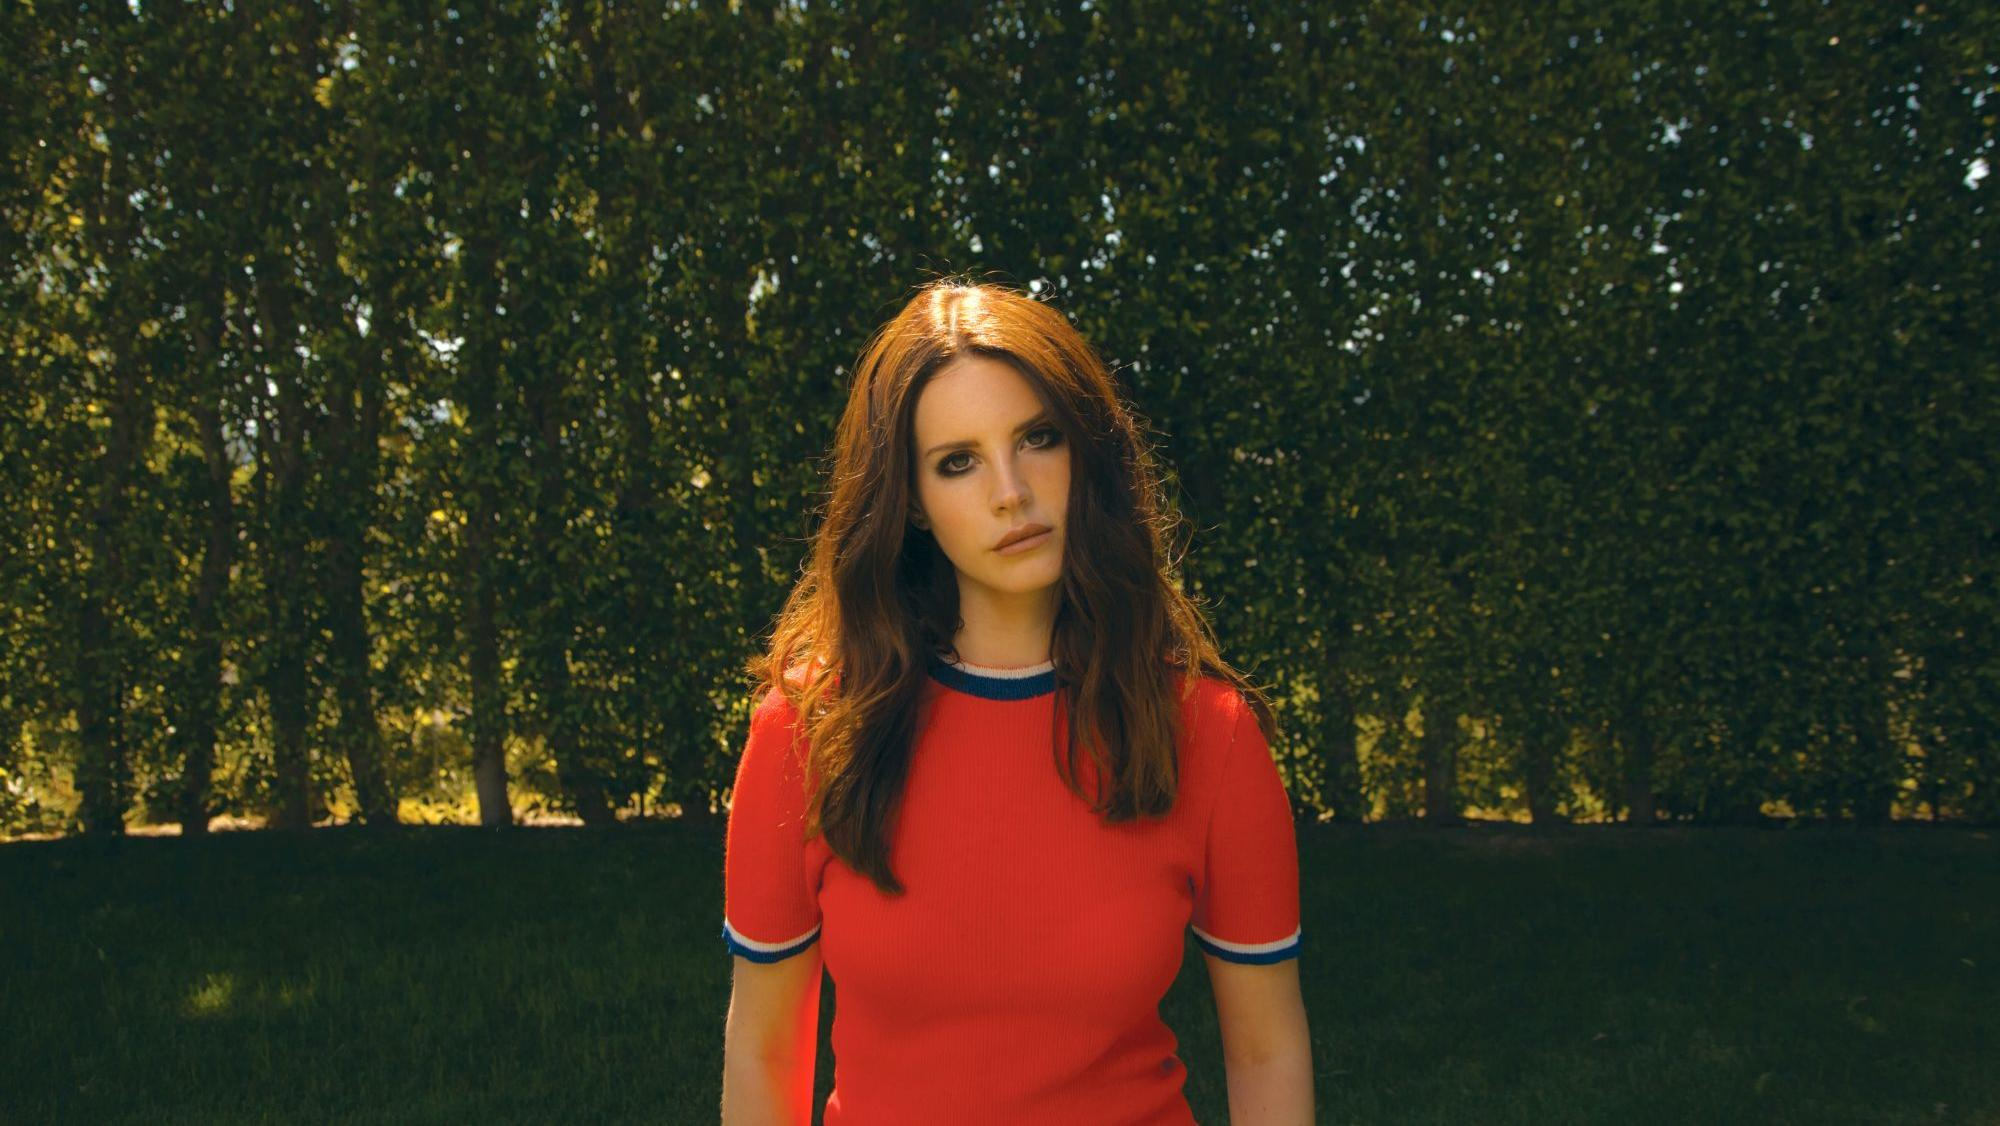 Lana Wolfe - 2019 year